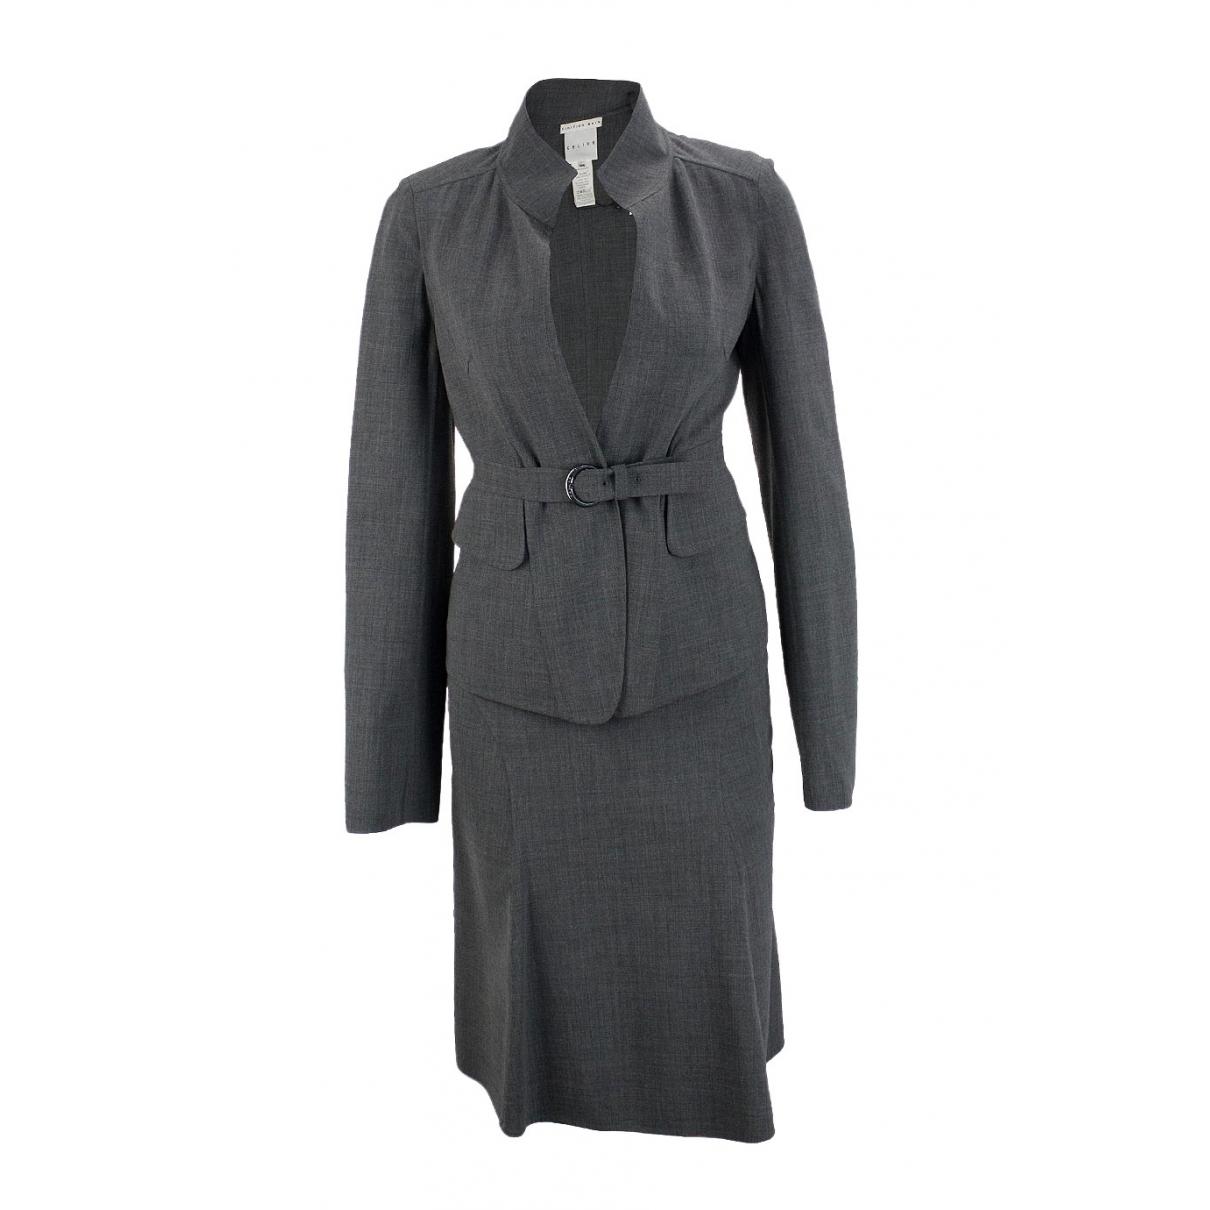 Celine \N Grey Wool skirt for Women 34 FR